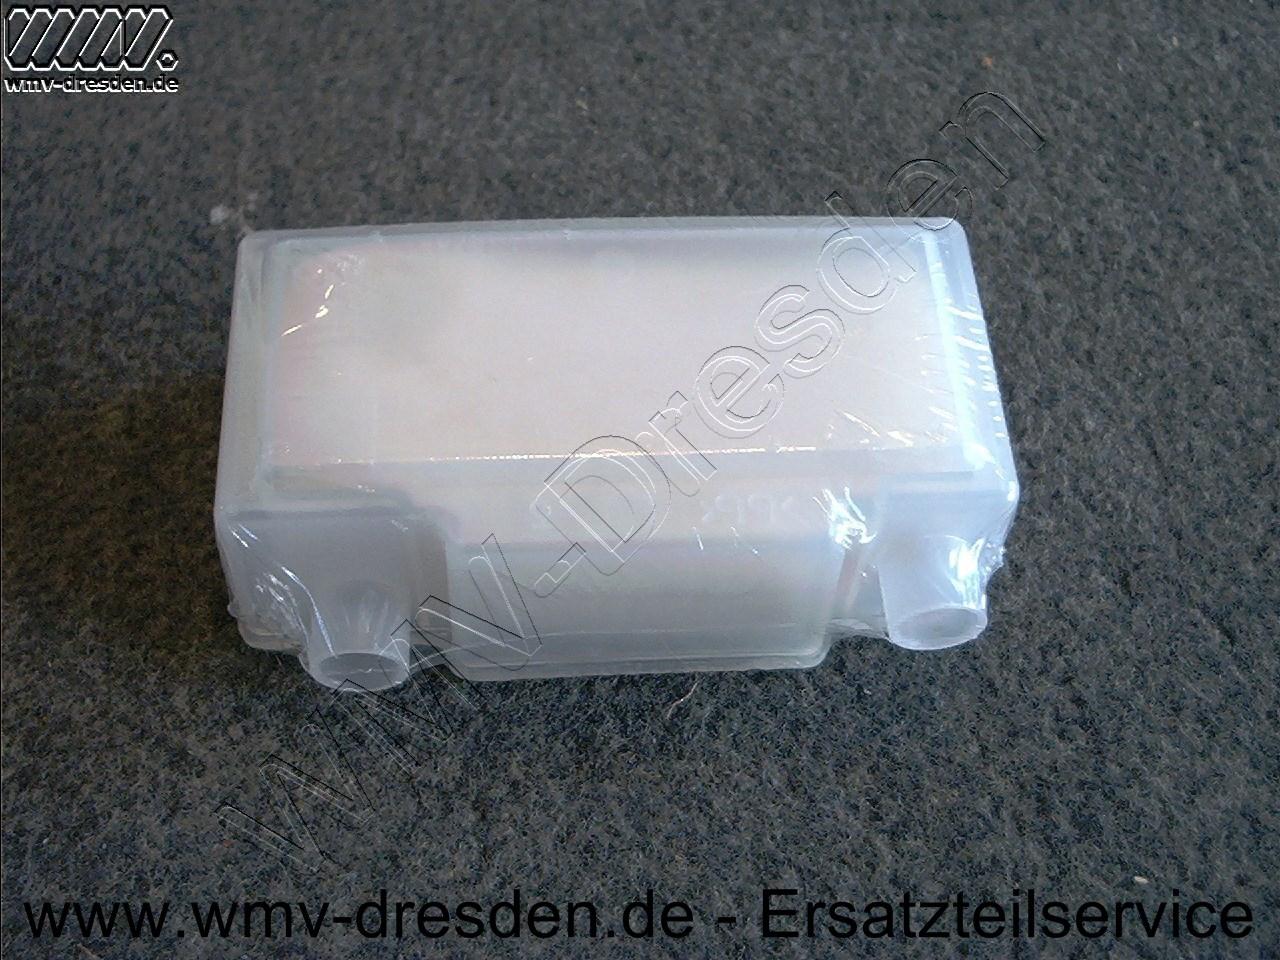 2er-Pack-Entkalker-Kartusche ECKIG  DBS 2200 / 2400/ 3000 / 4000 / 5000  >>> 10,0 mm Öffnungsdurchmesser <<<